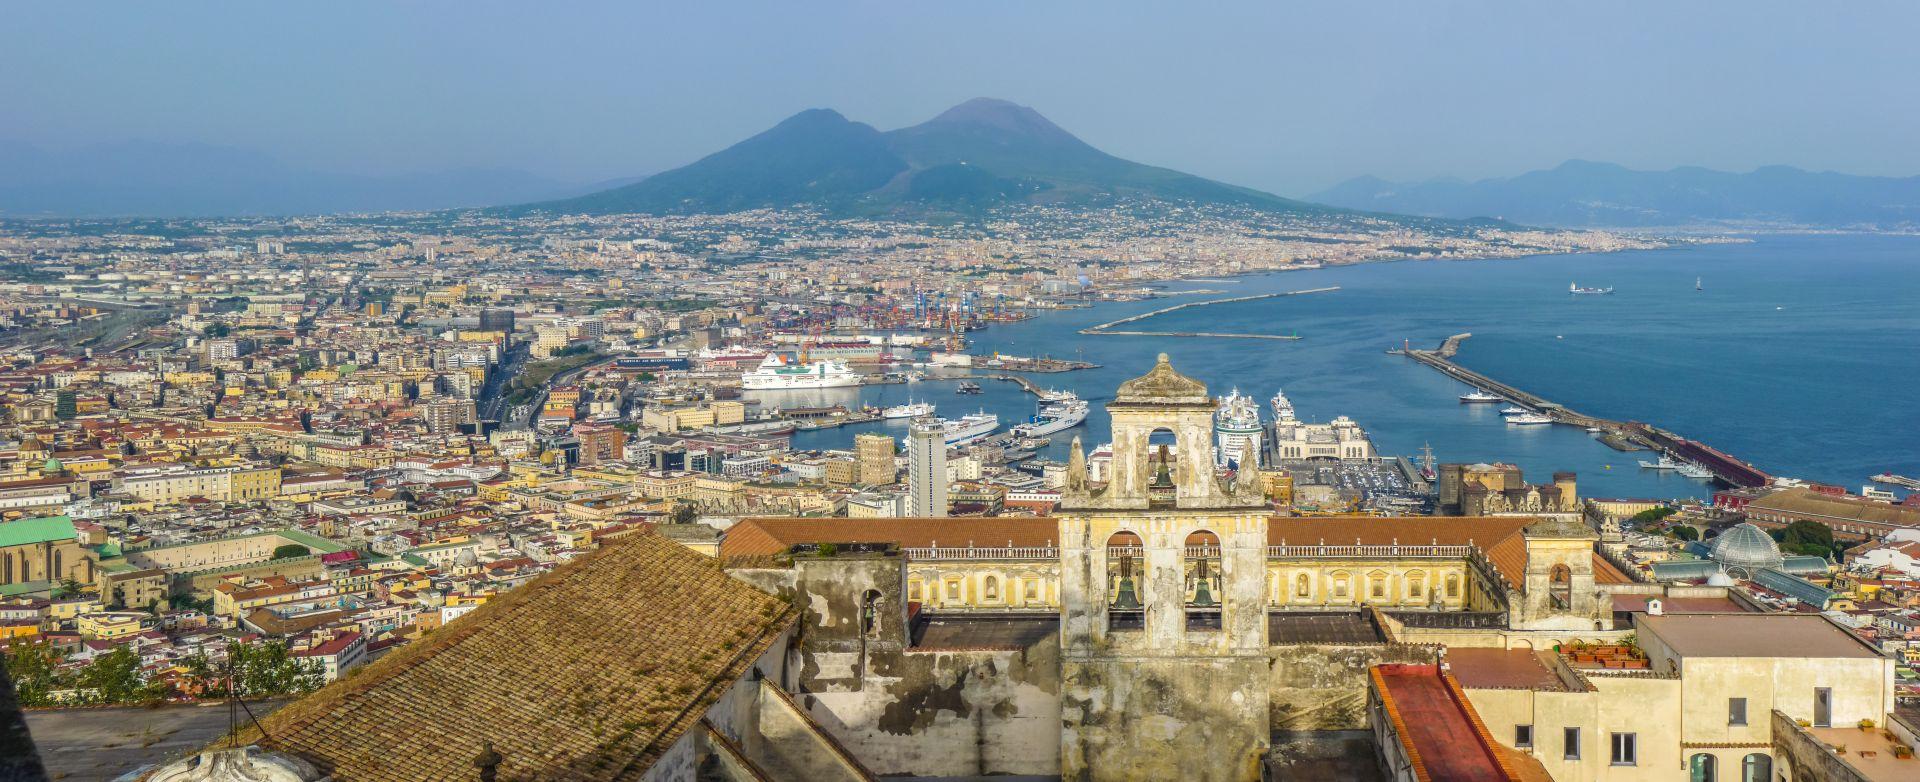 Nápoly: kilátás az öbölre és a Vezúvra